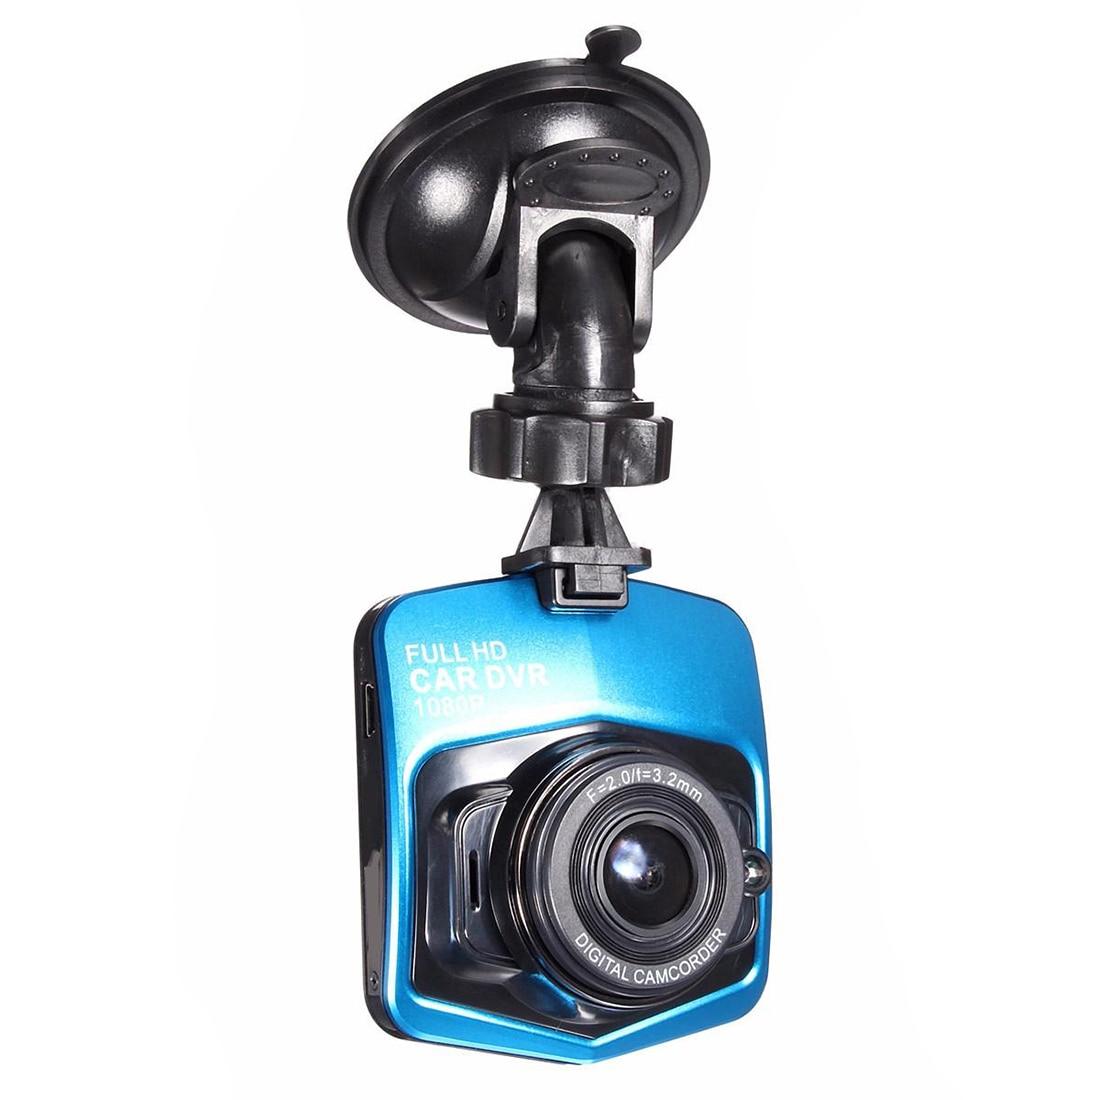 2 4 Full HD 1080P 12MP angulo Ancho Coche DVR Camara Video Grabadora Dash Cam Black